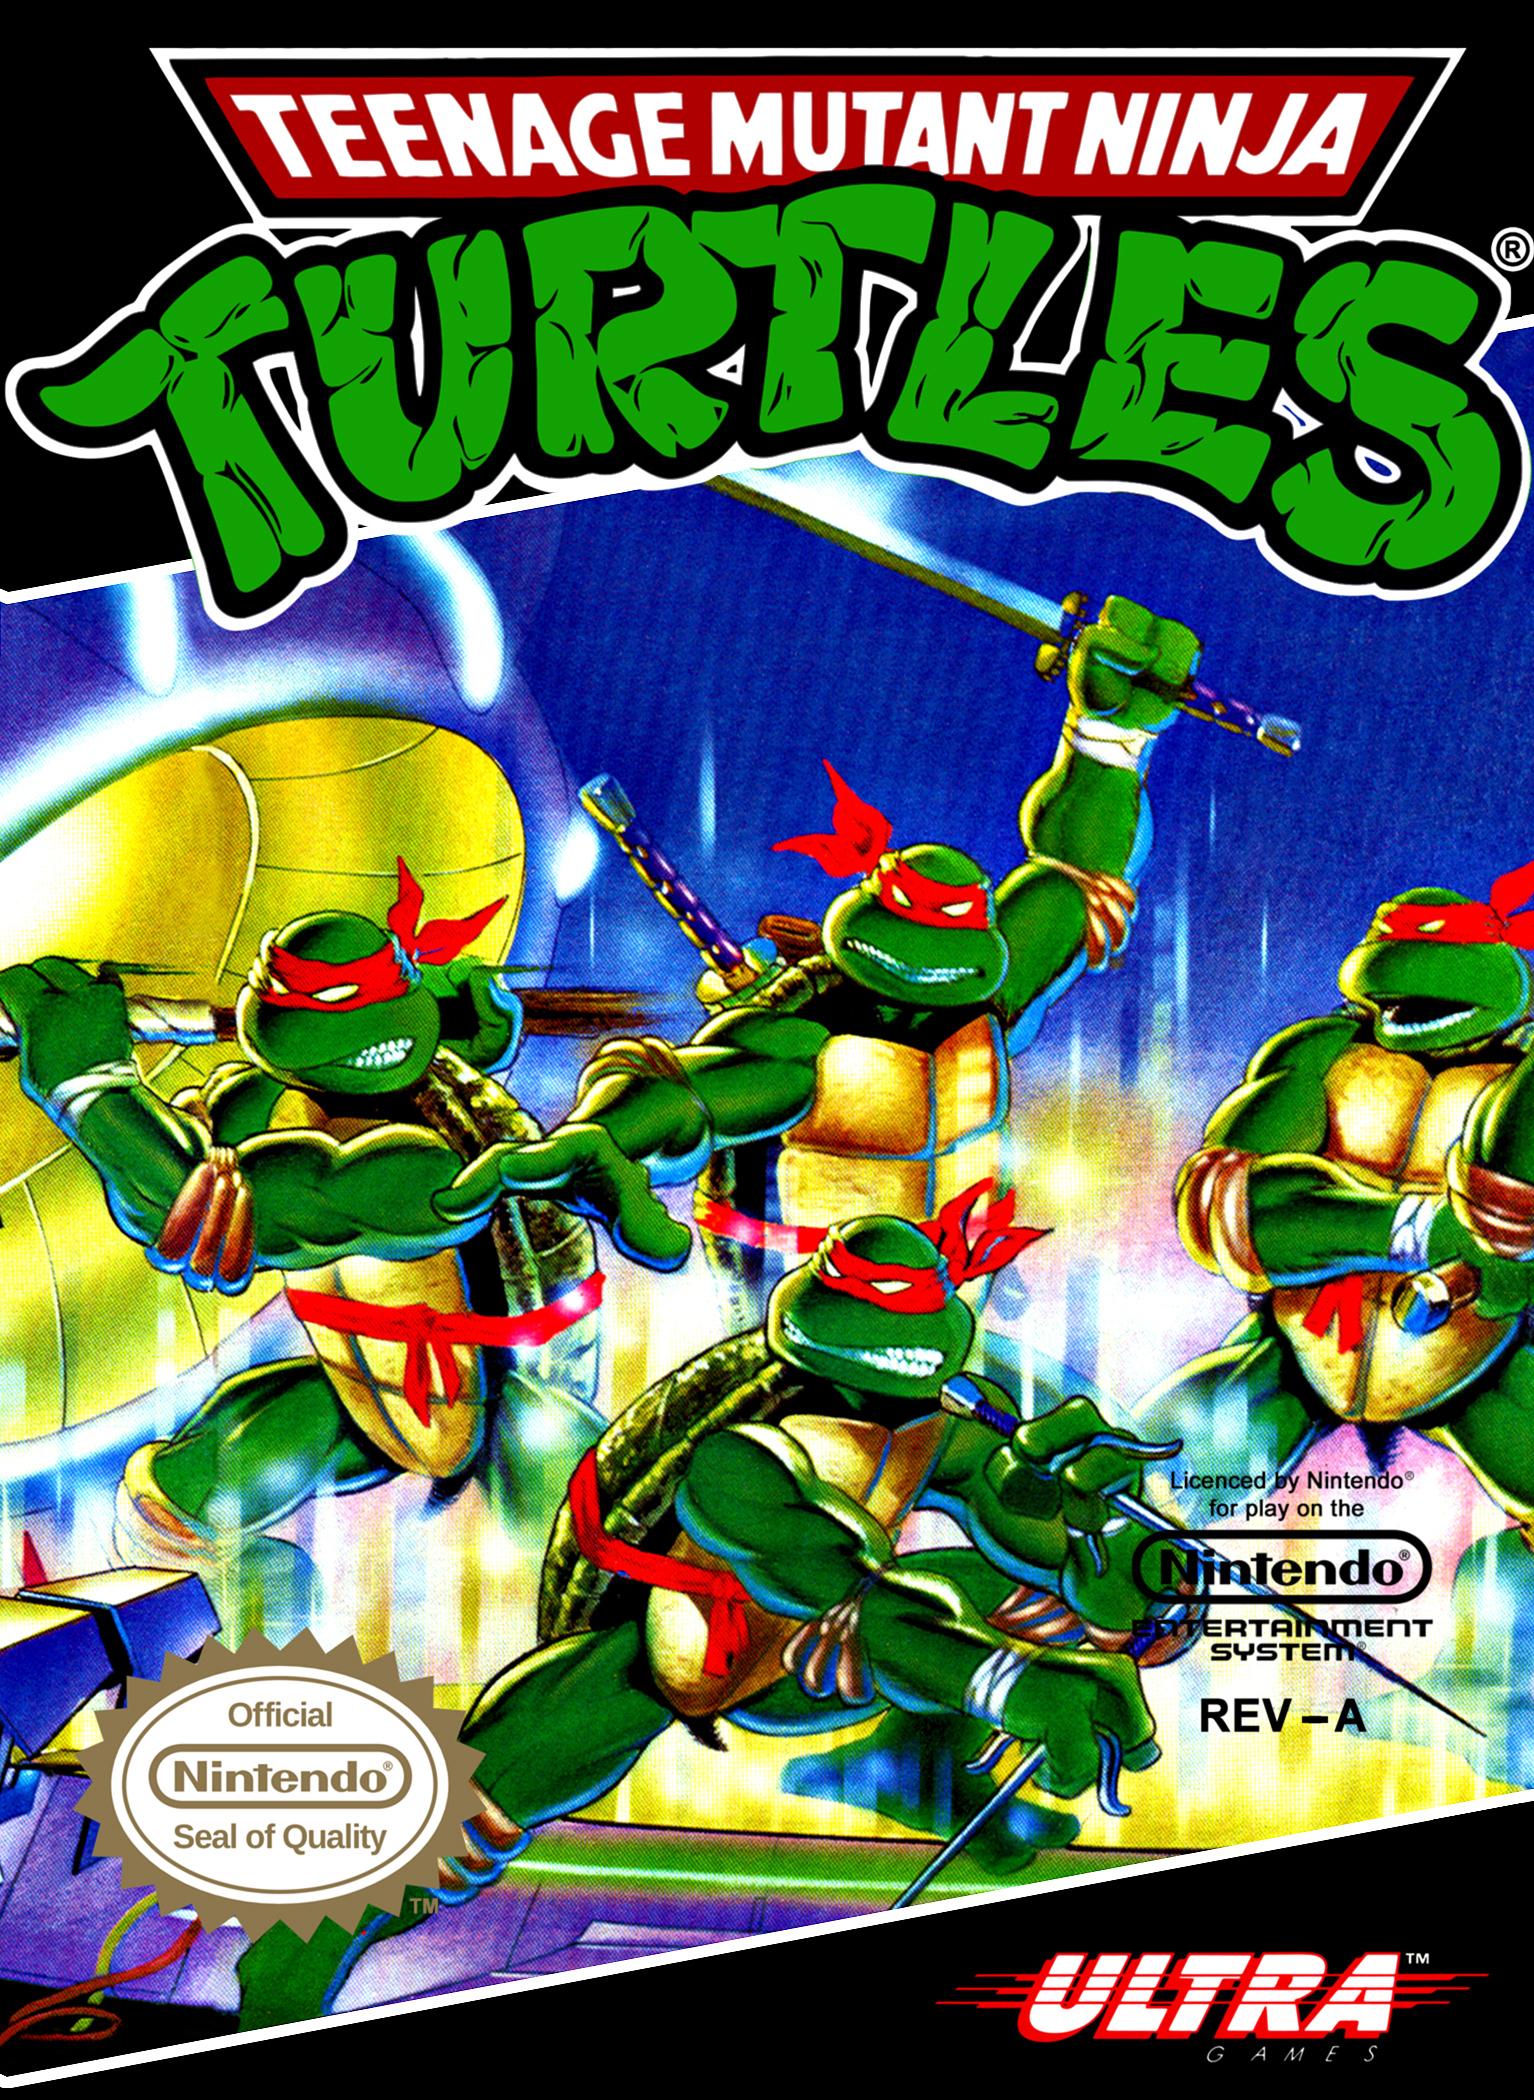 Teenage Mutant Ninja Turtle Wedding Cake Toppers